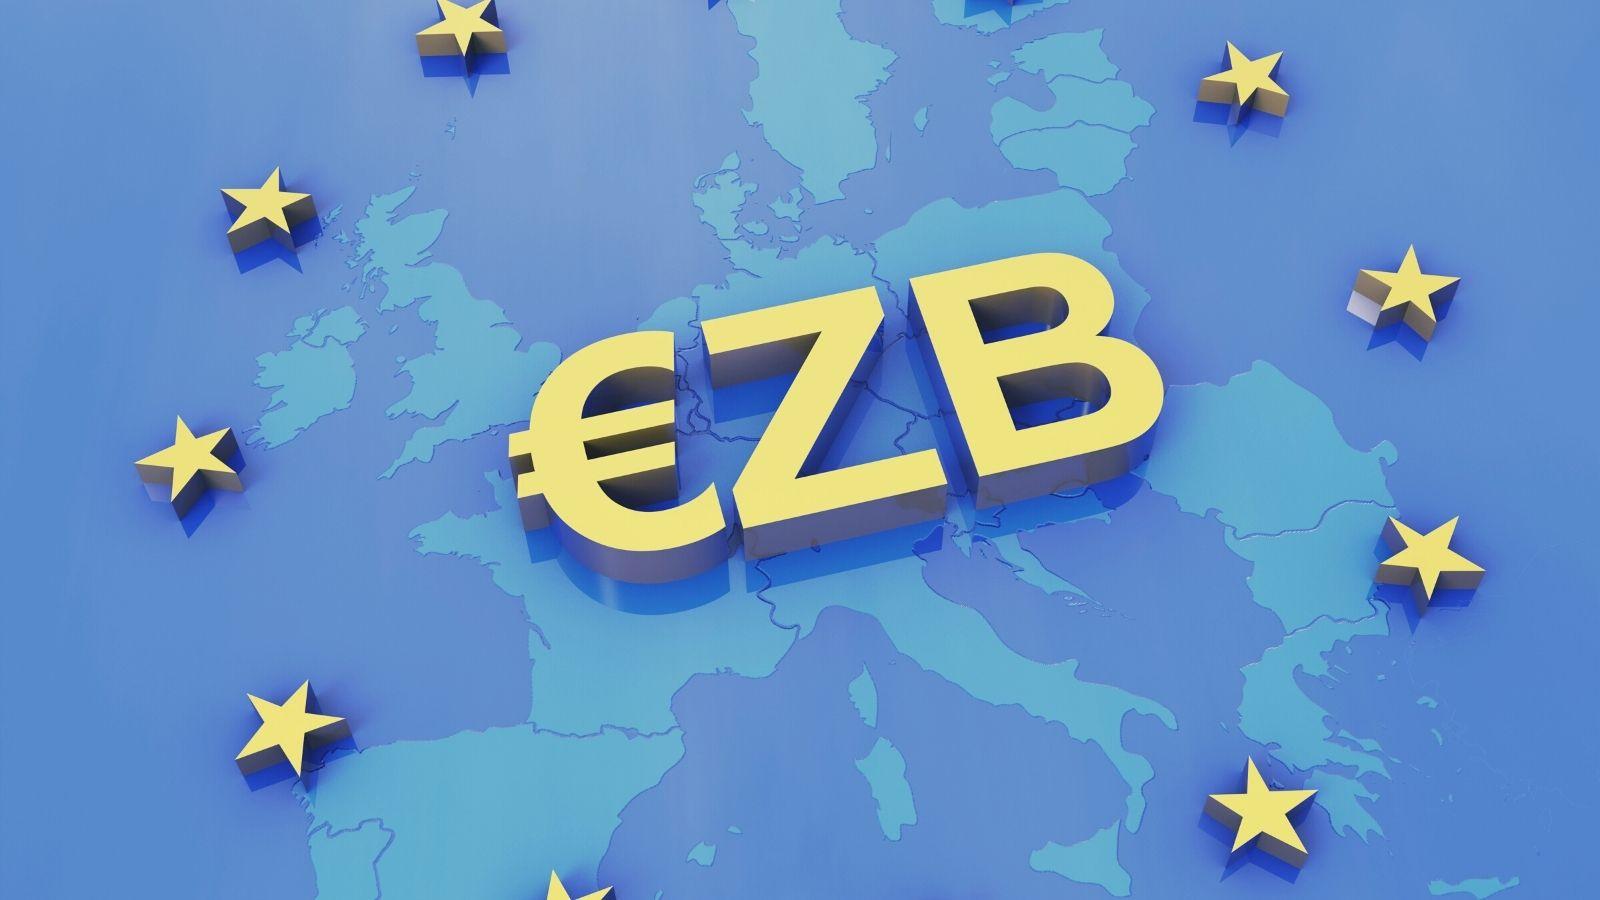 EZB CBDC